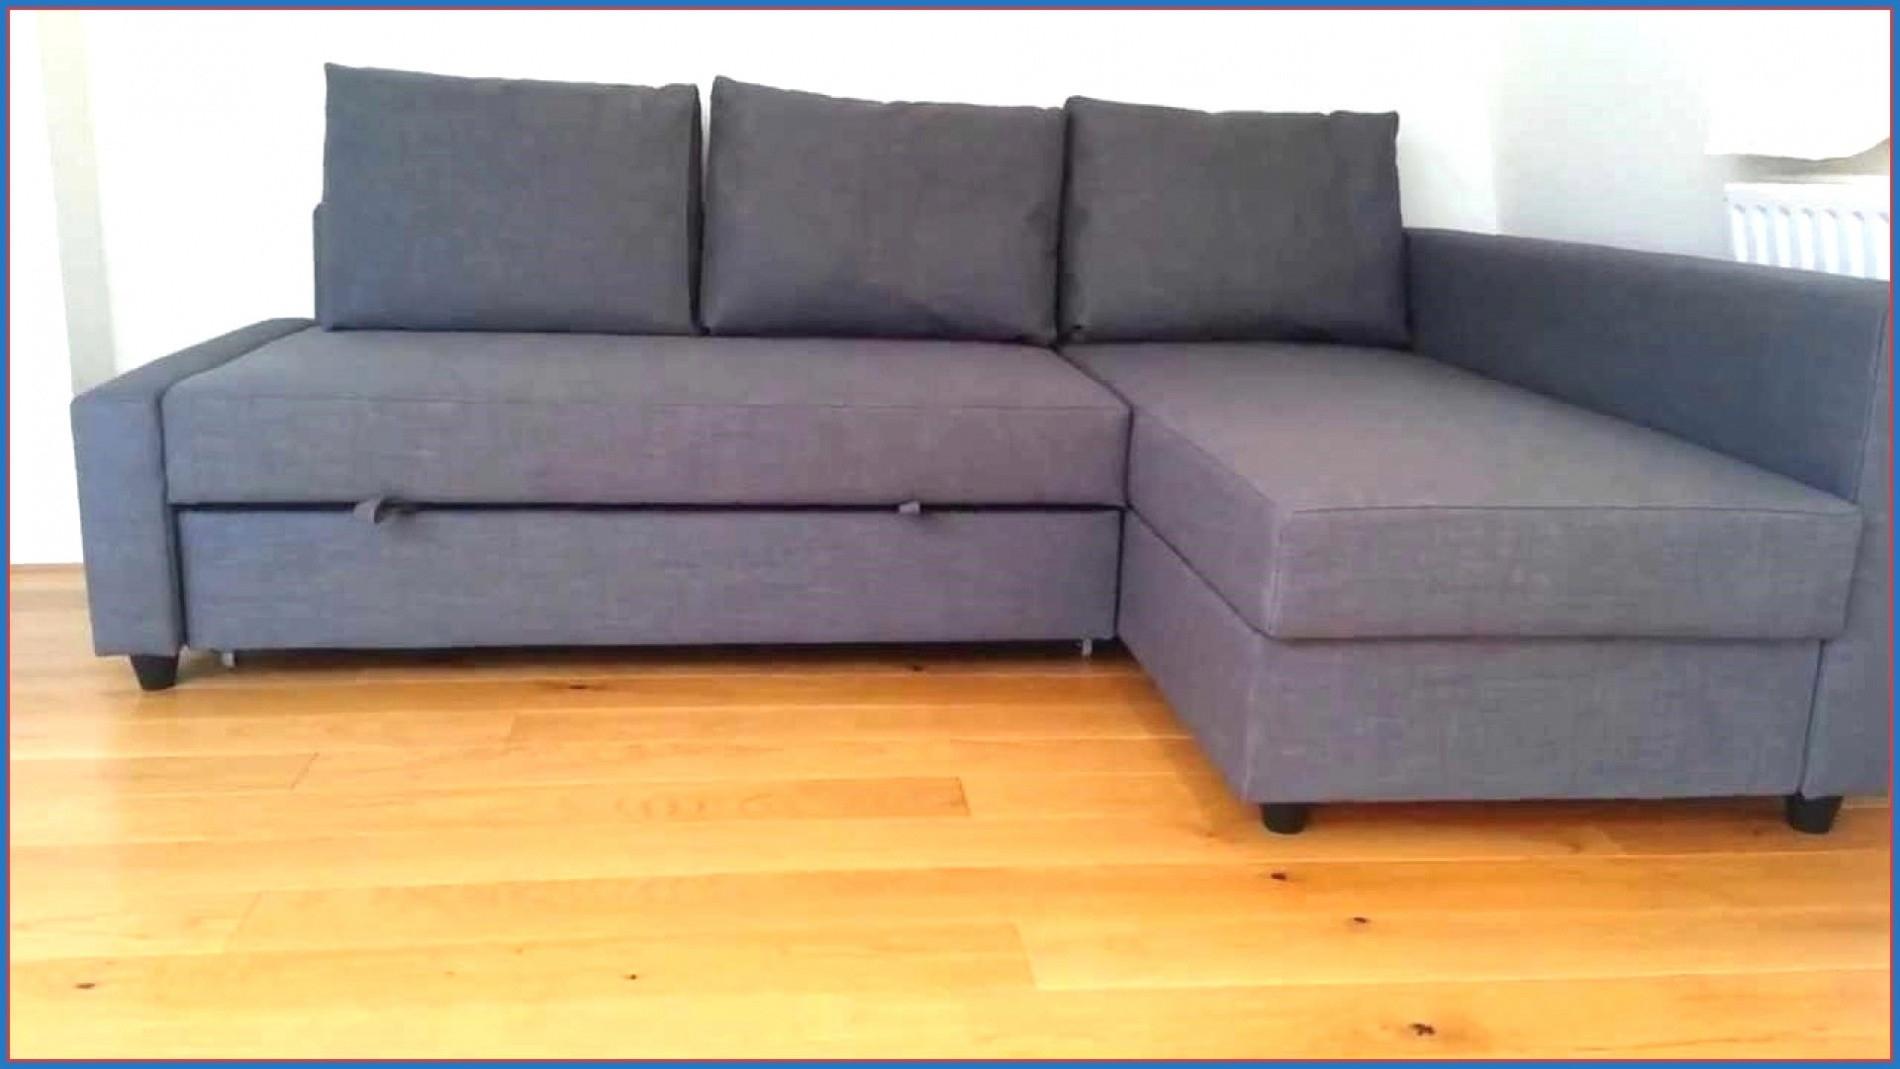 Housse Canapé 2 Places Ikea Meilleur De Photos La Charmant Choisir Un Canapé Conception  Perfectionner La G Te